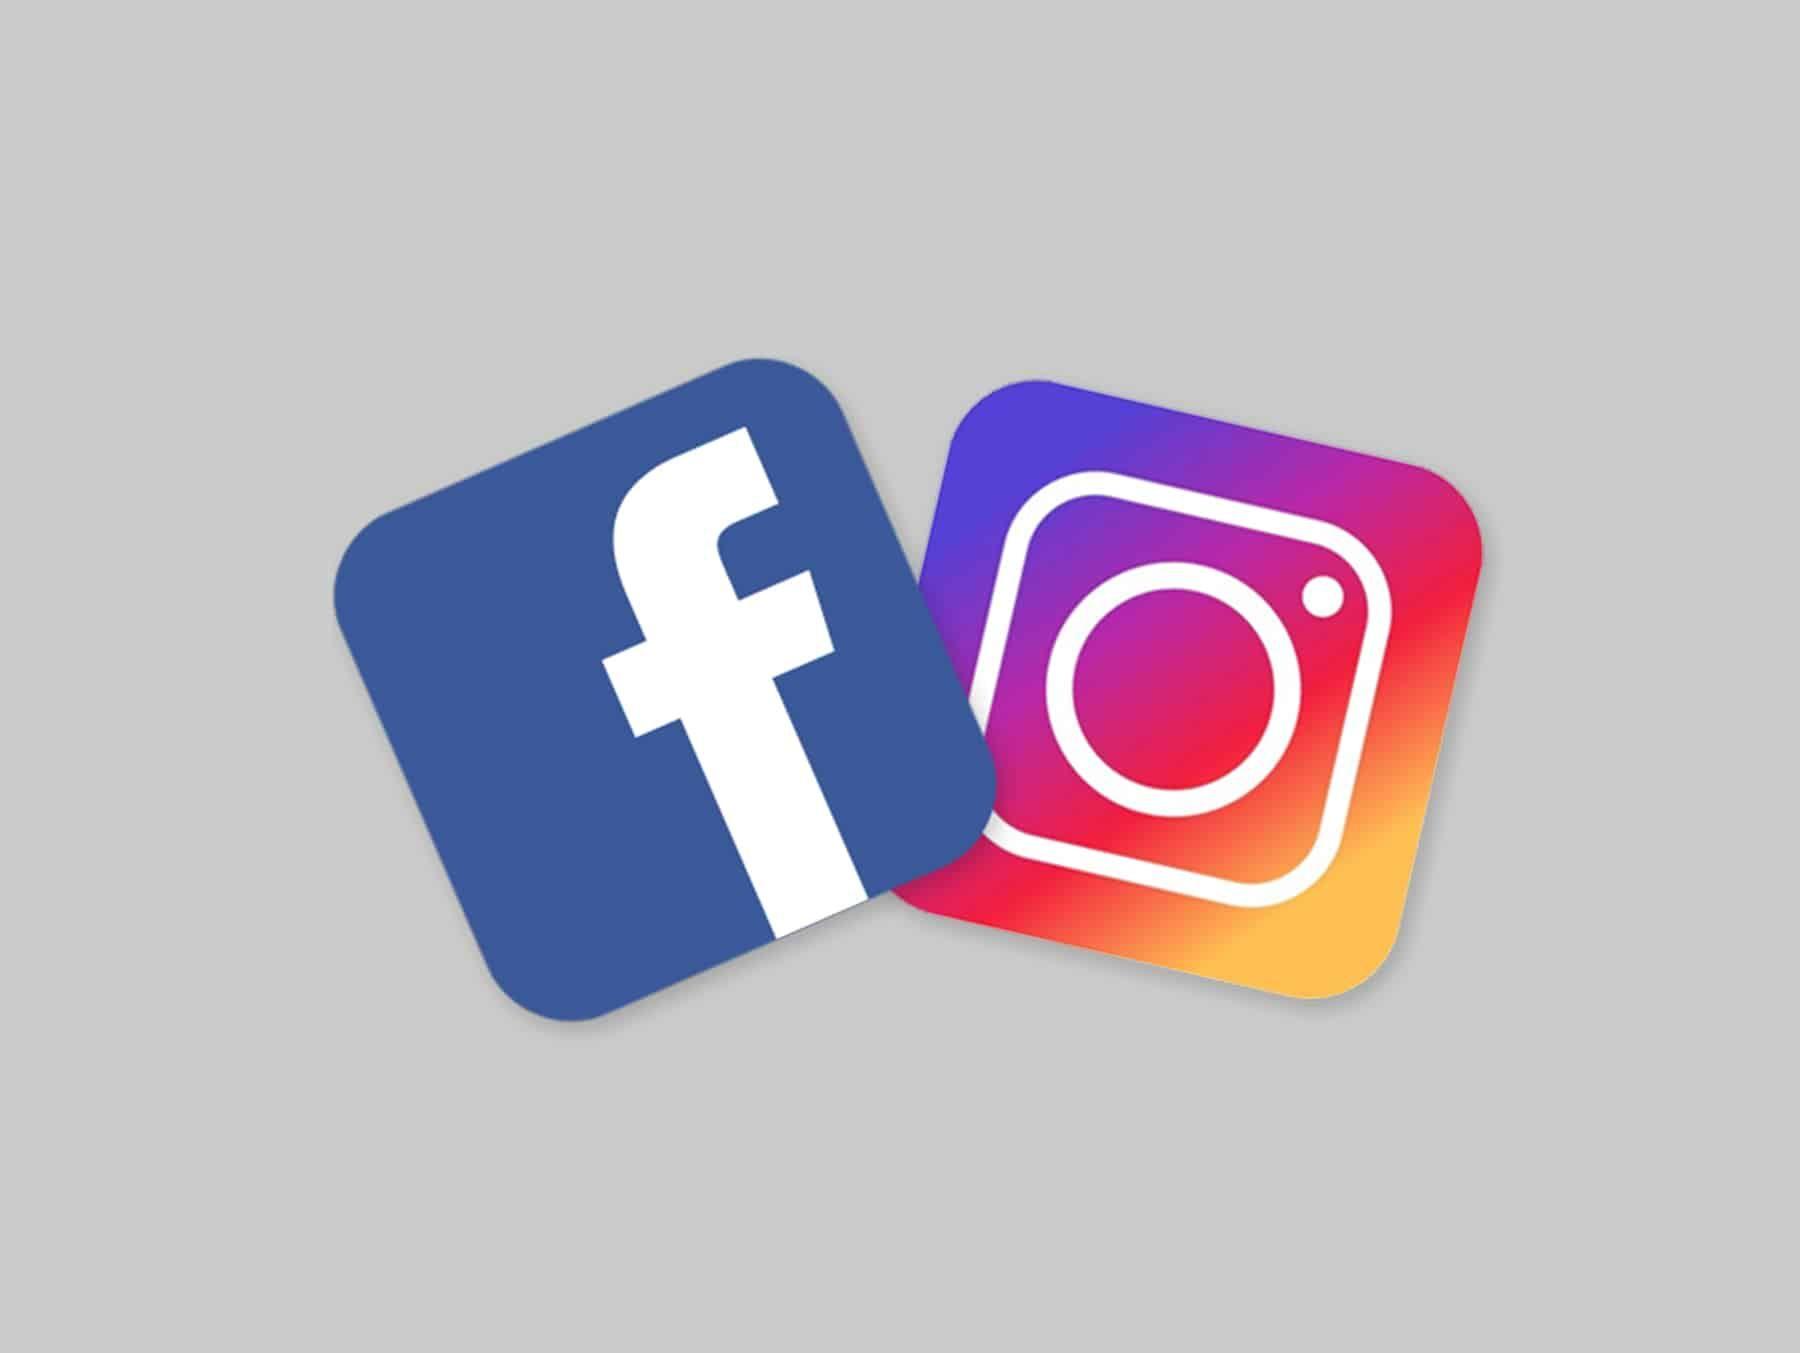 Nuevas herramientas para medir cuánto usas tus redes sociales